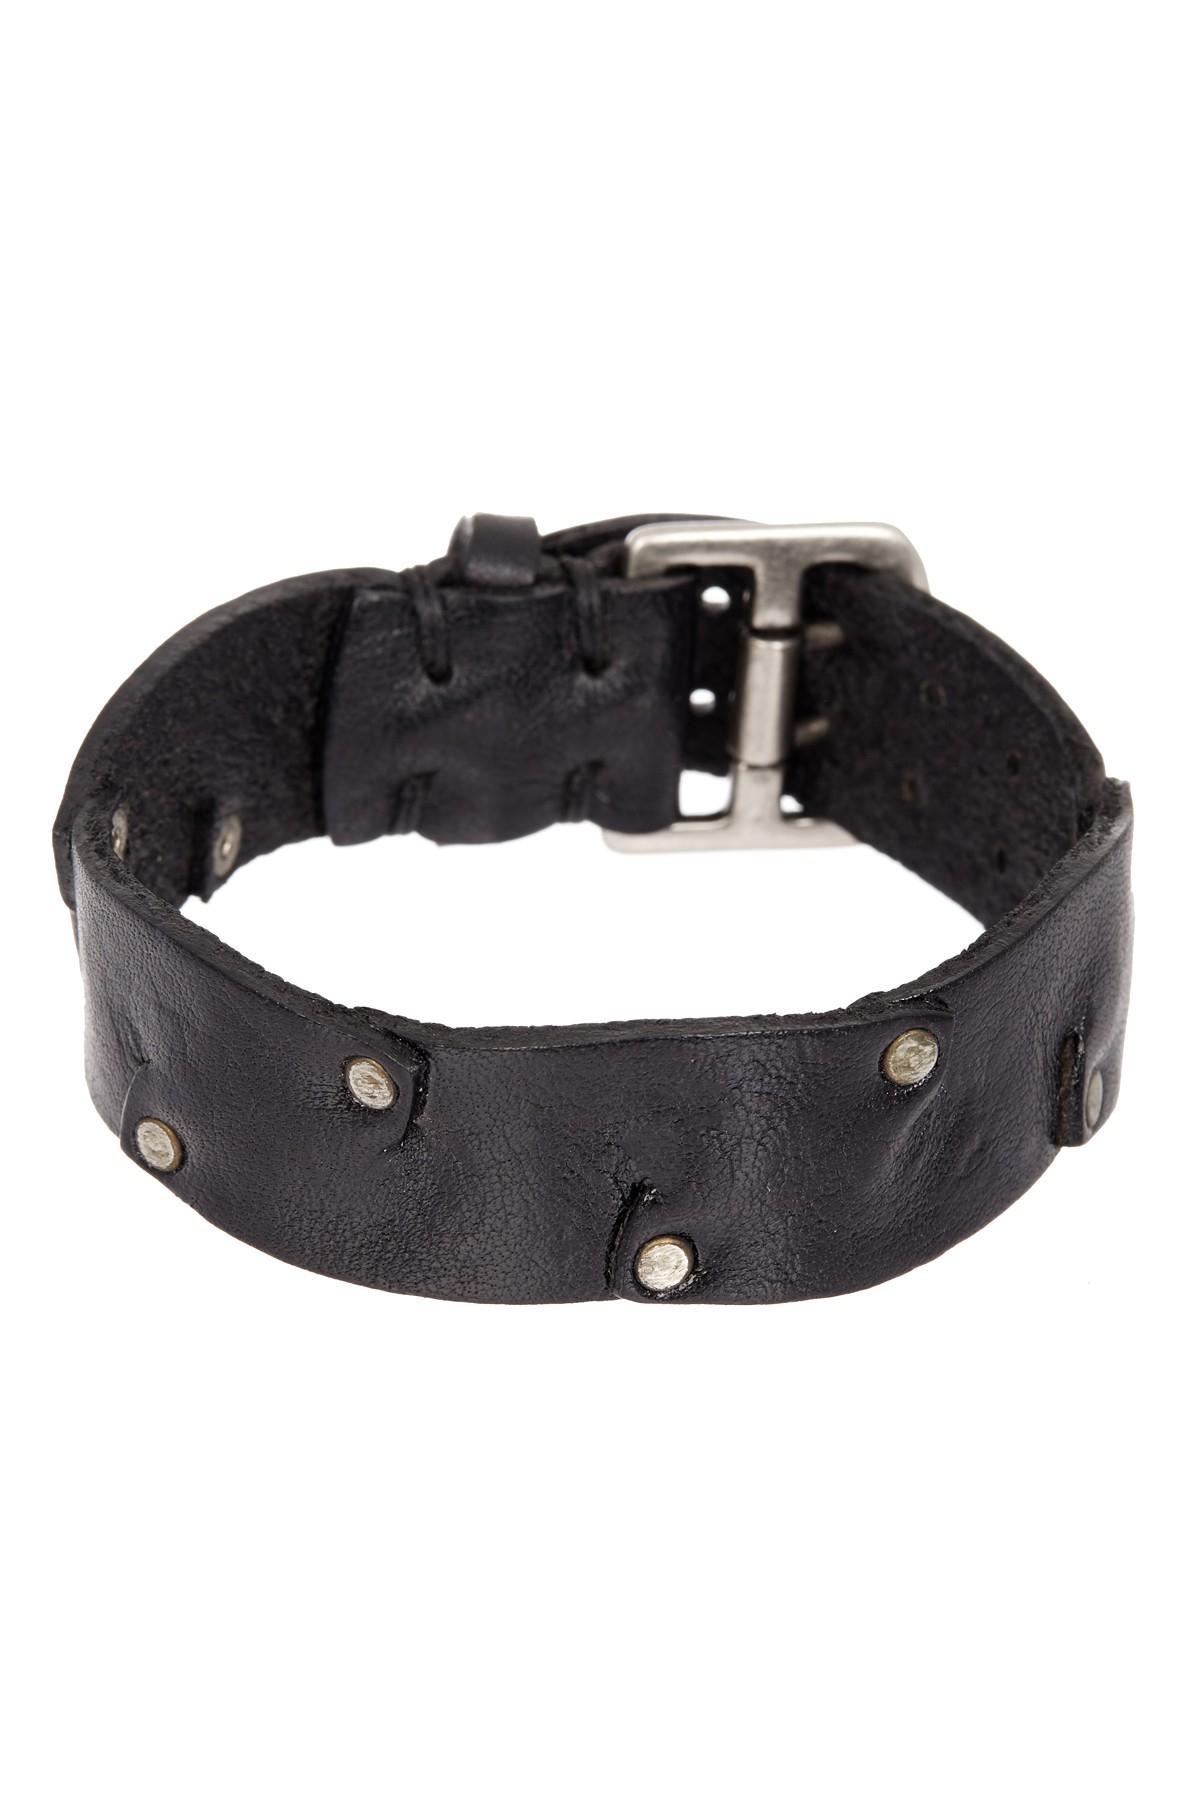 John Varvatos 20mm Riveted Strap Cuff Bracelet In Black